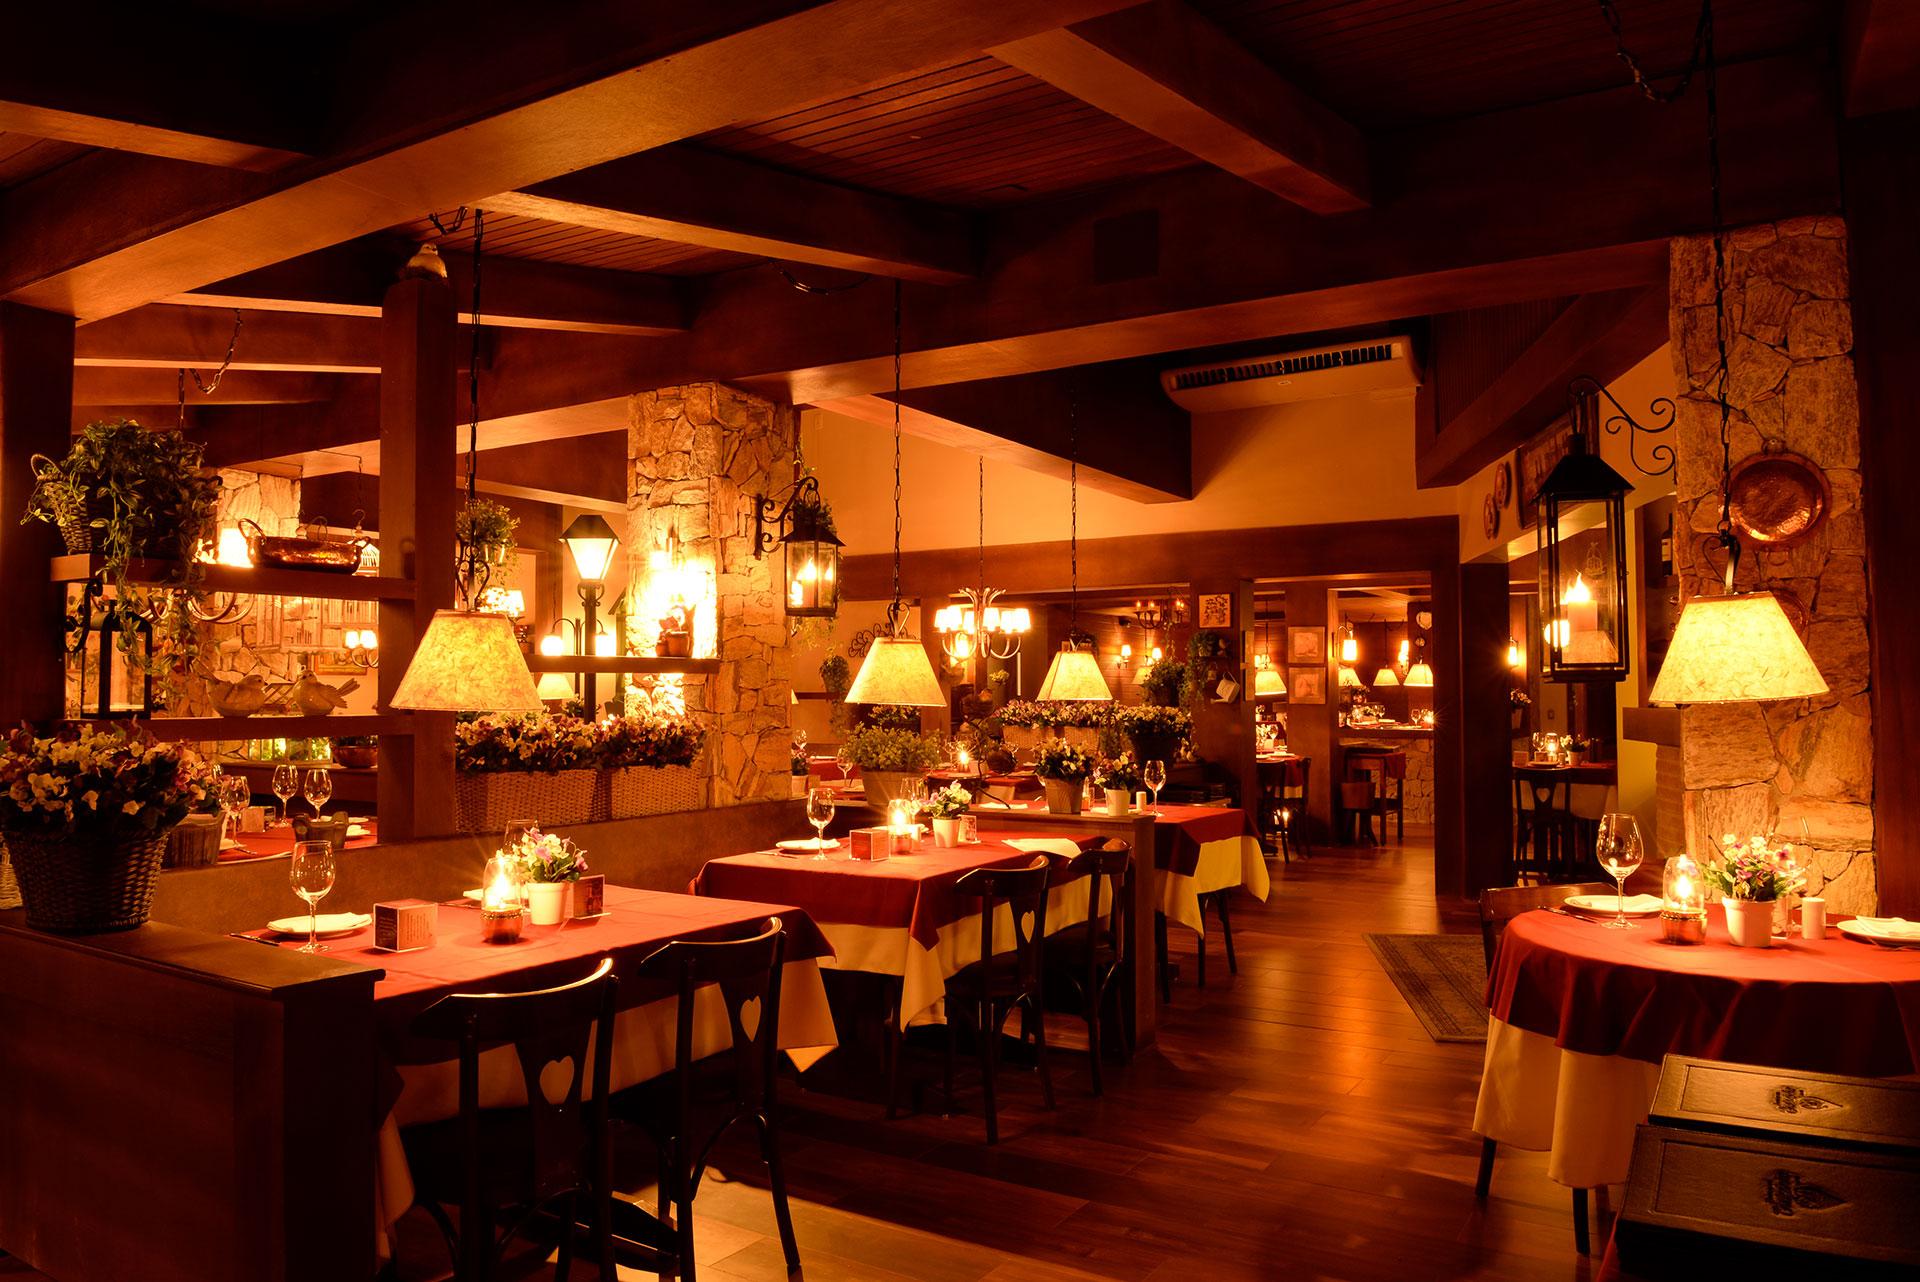 DICAS DE RESTAURANTES PARA O DIA DOS NAMORADOS! -> Decoração De Restaurante Para Dia Dos Namorados